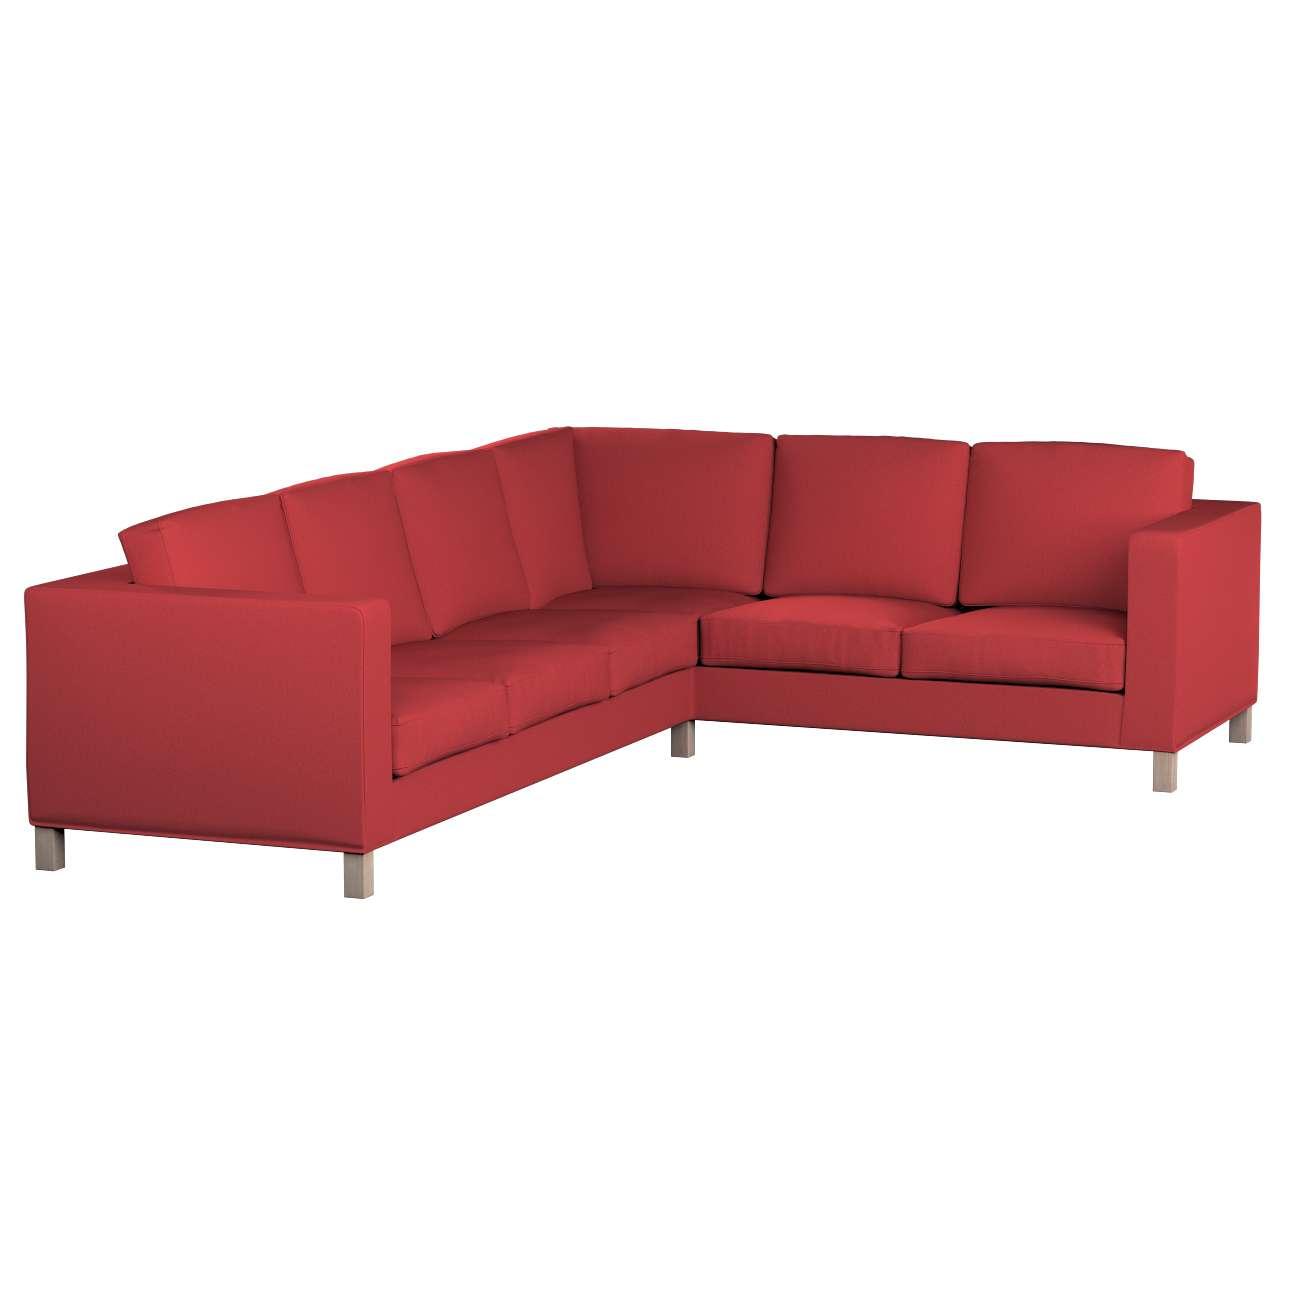 Pokrowiec na sofę narożną lewostronną Karlanda w kolekcji Living, tkanina: 161-56